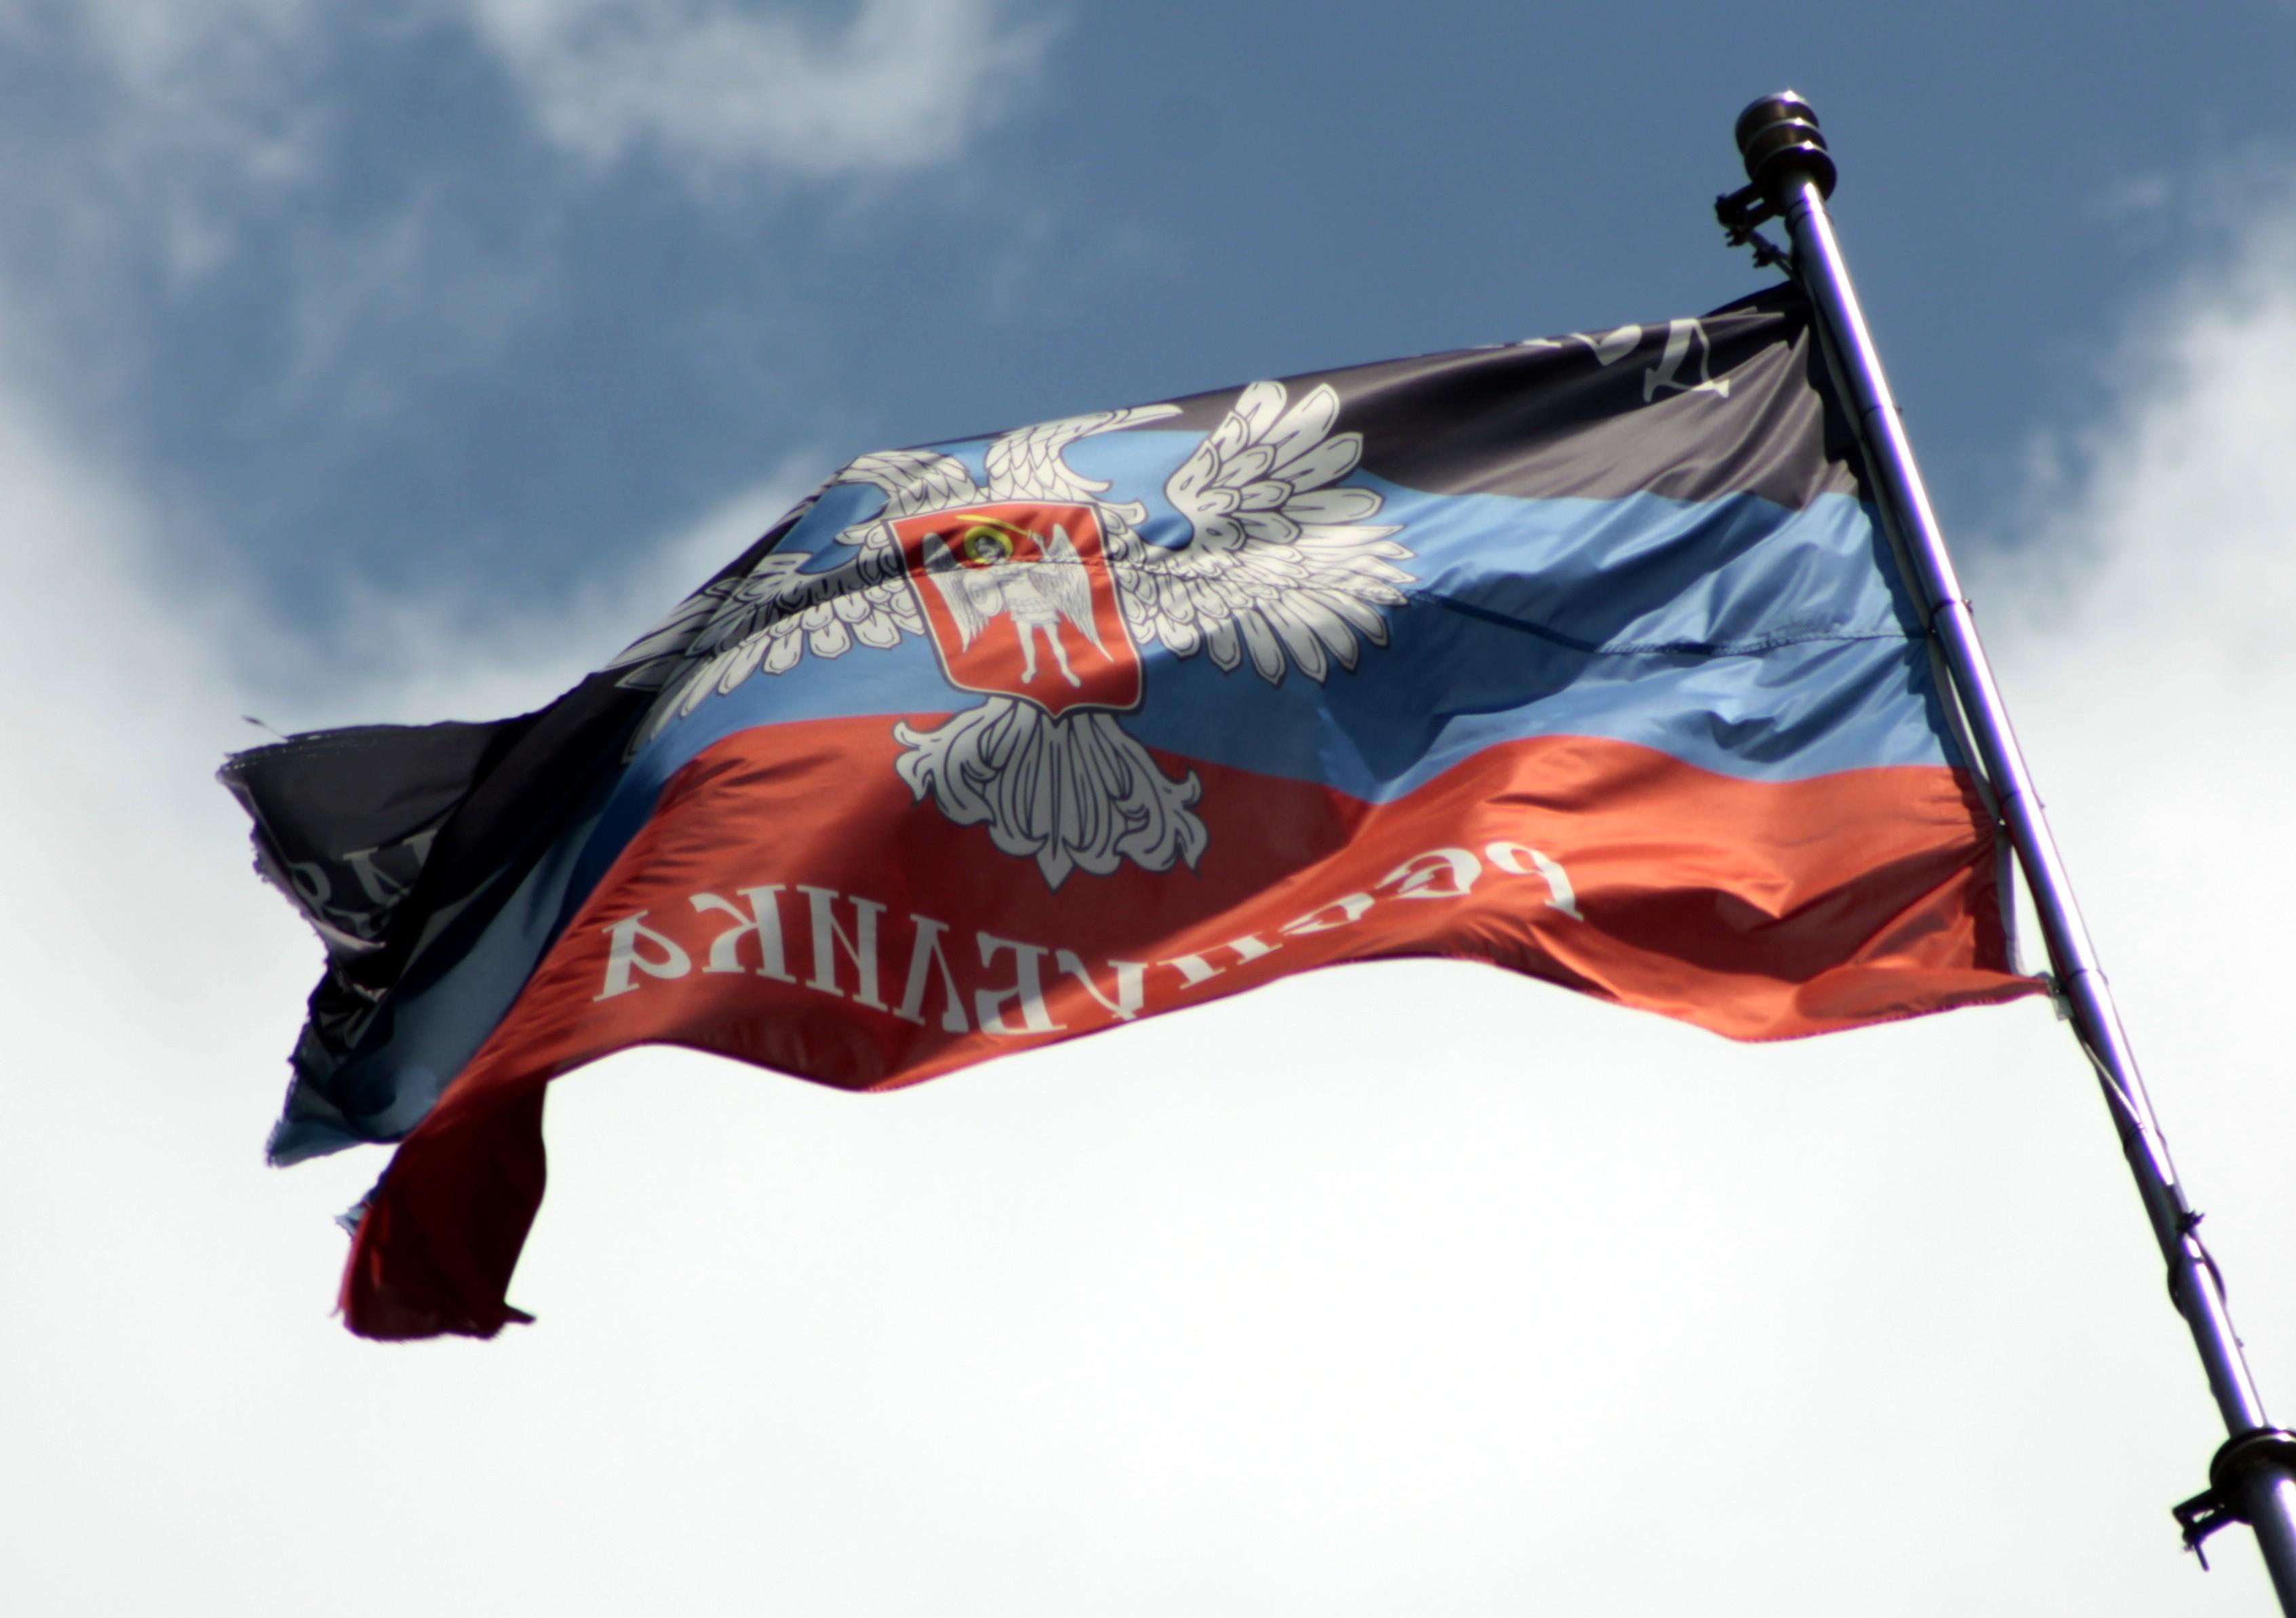 донбасс картинка флага кадры, дата выхода